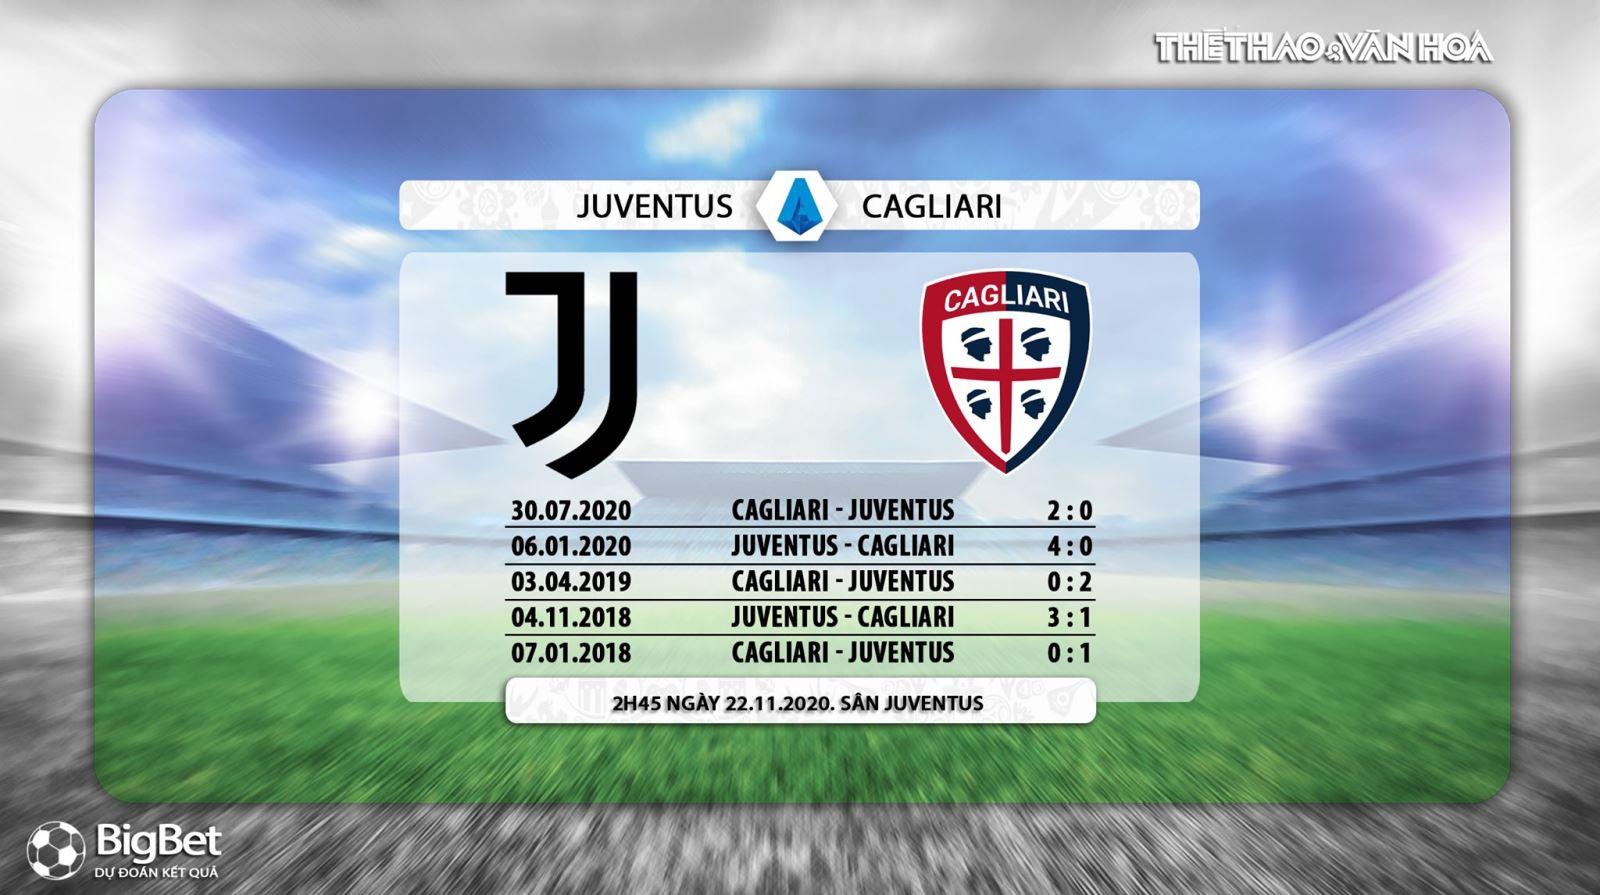 Keo nha cai, Kèo nhà cái, Juventus vs Cagliari, Vòng 8 Serie A, Trực tiếp Truyền hình FPT, trực tiếp bóng đá Ý, Serie A, xem trực tiếp Juventus đấu với Cagliari